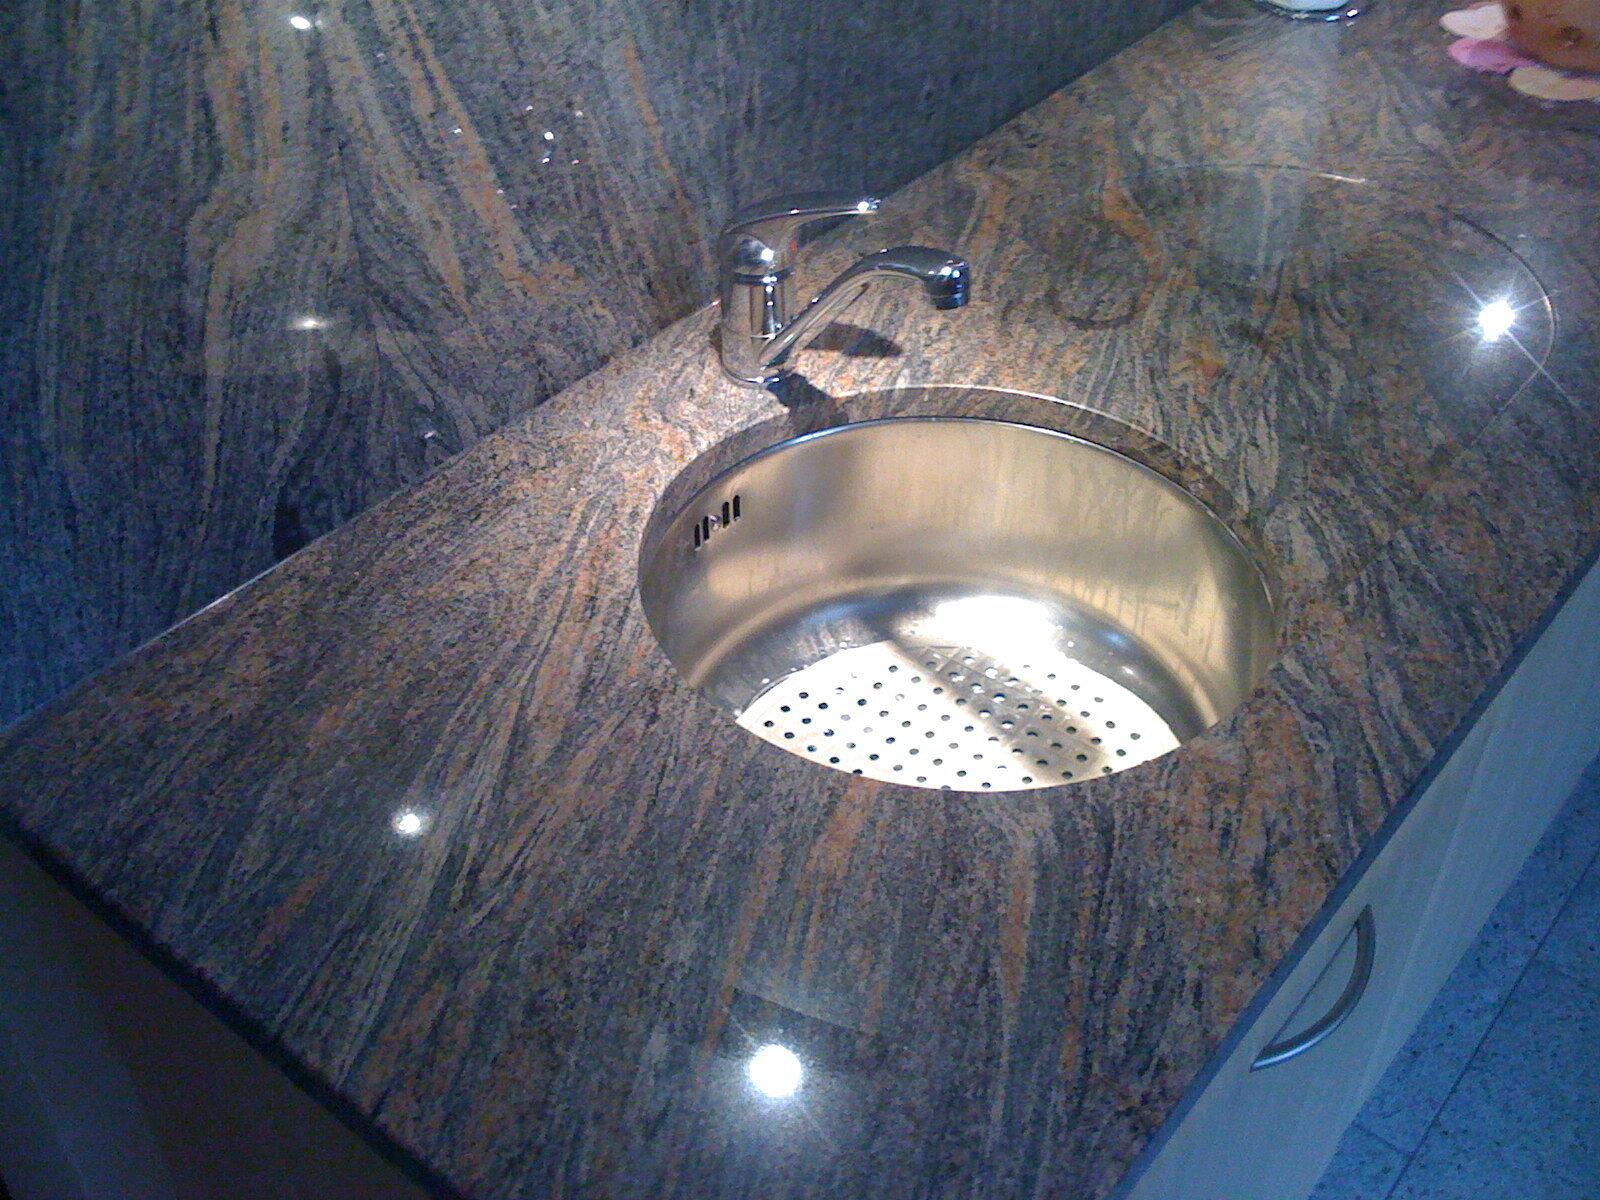 r ckwand f r k chenarbeitsplatte arbeitsplatte k cheninsel k chenspiegel front eur 114 99. Black Bedroom Furniture Sets. Home Design Ideas